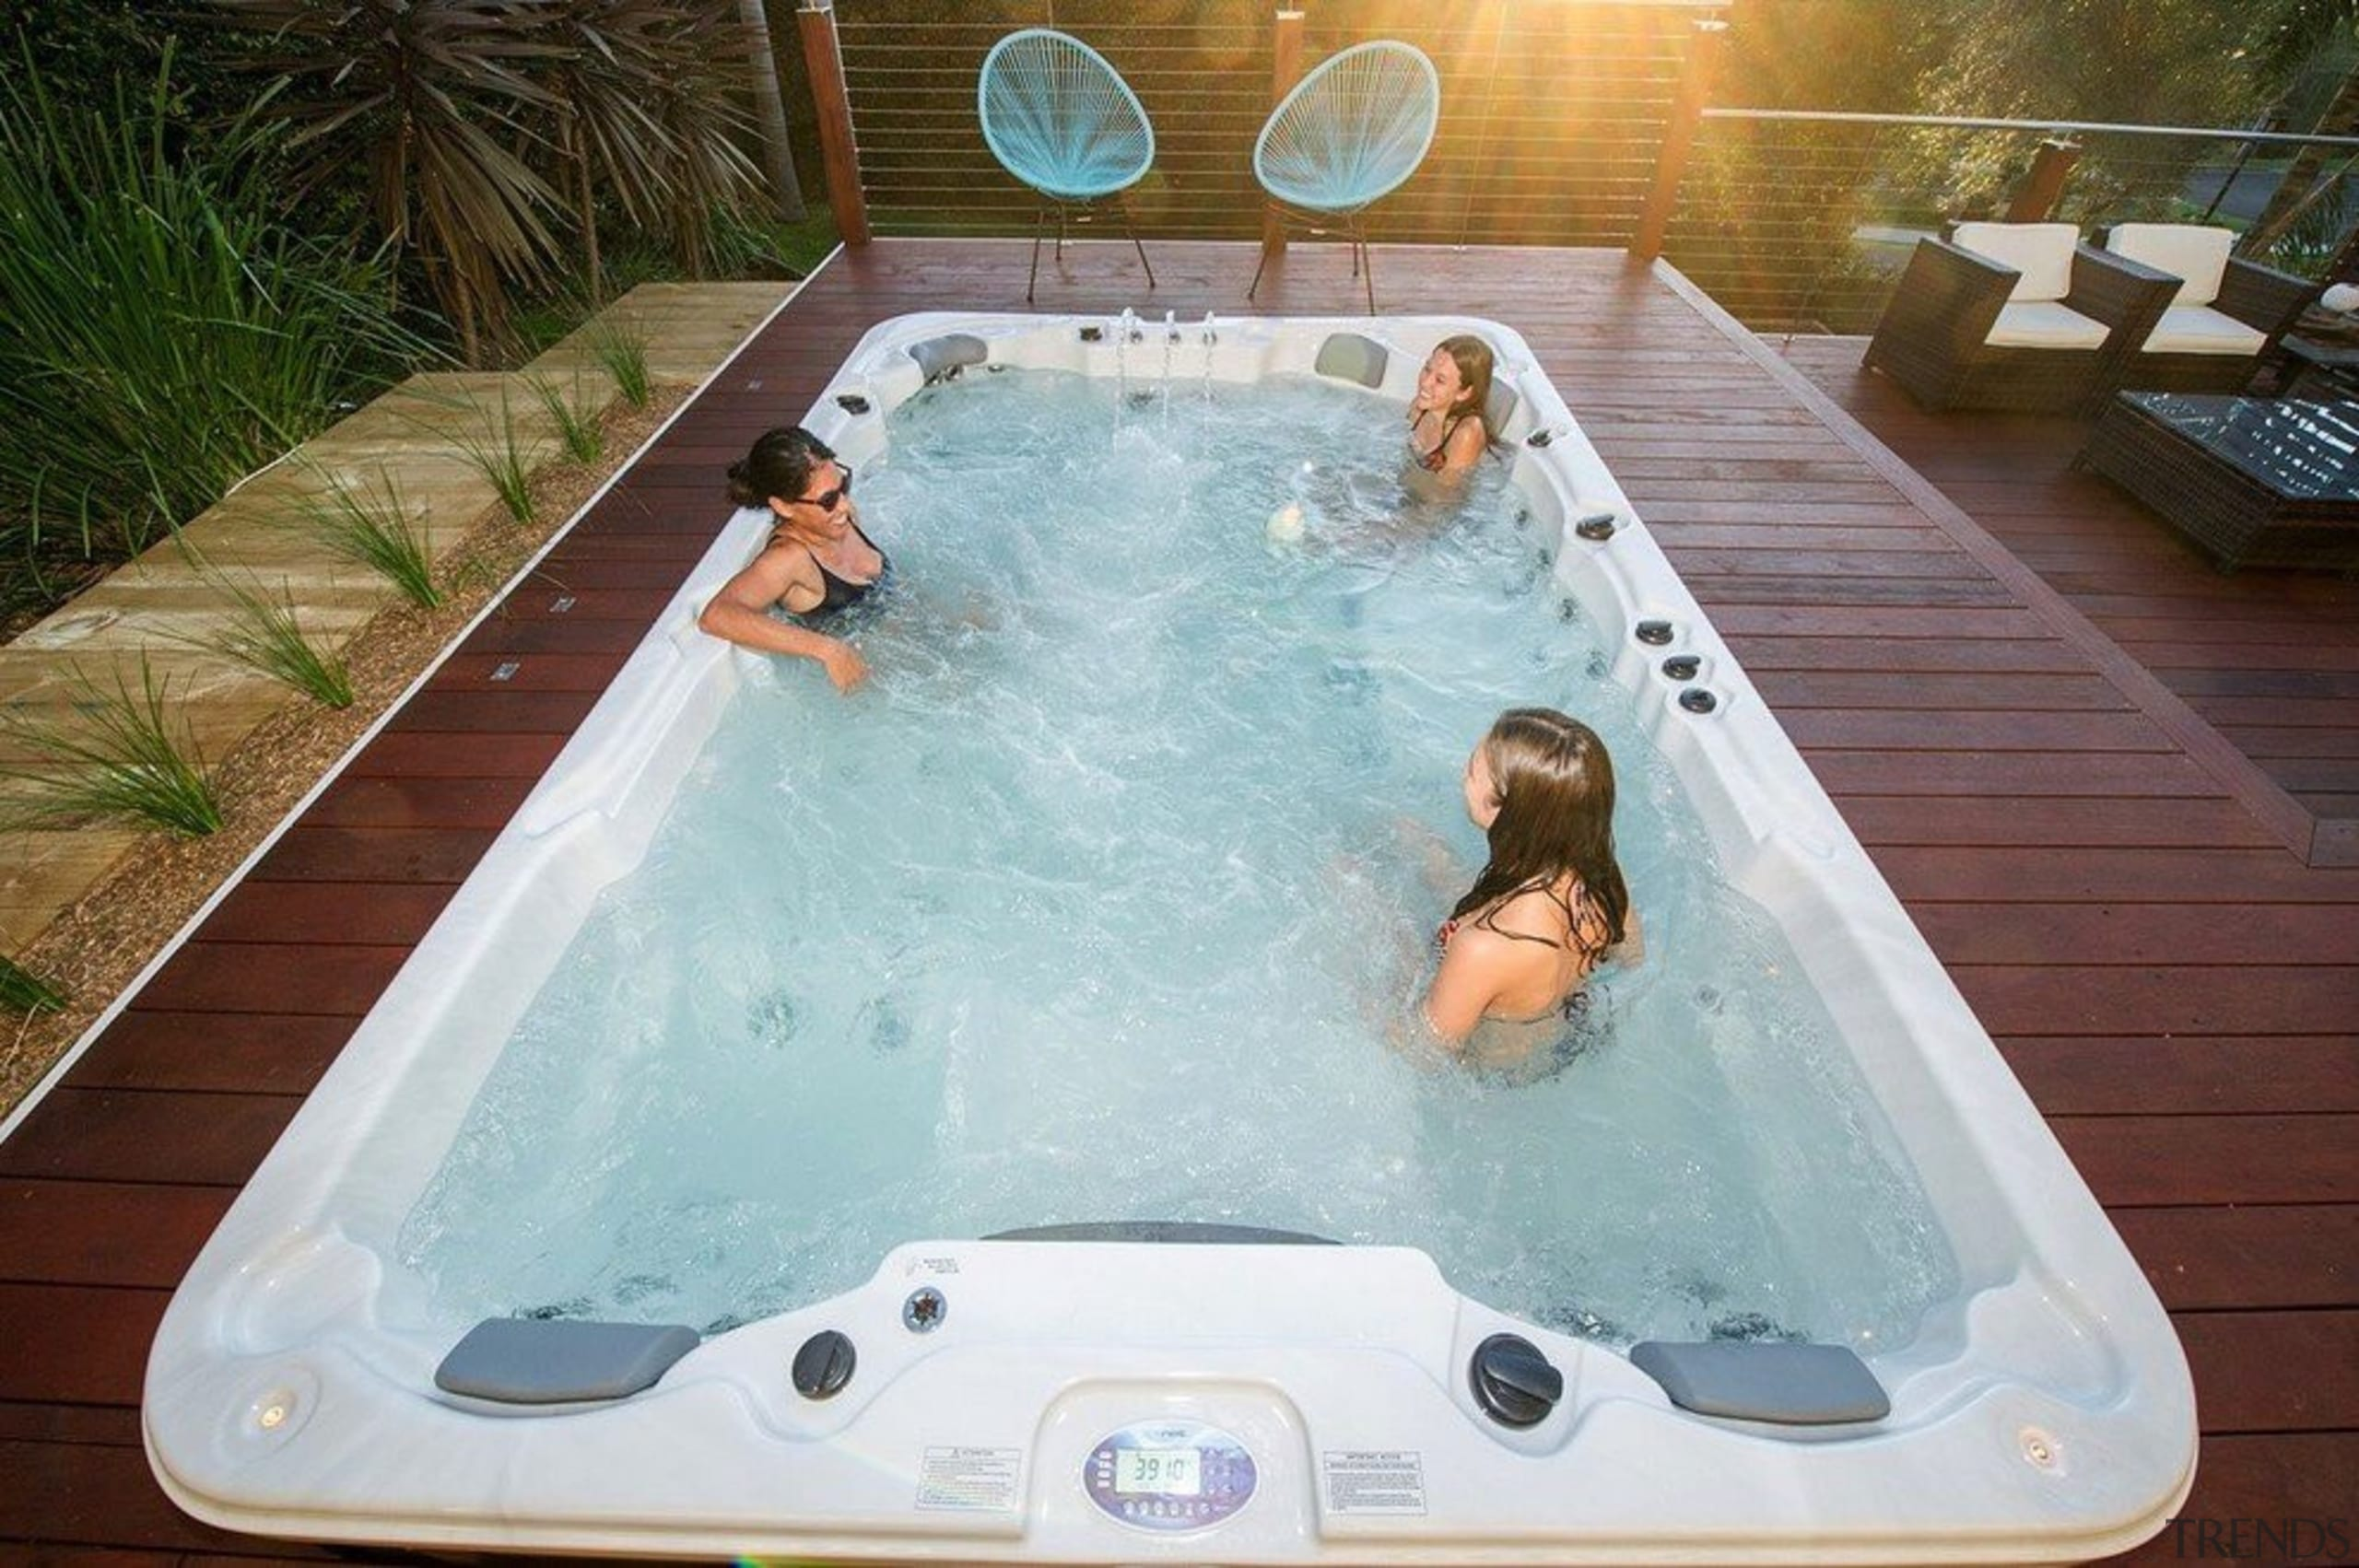 Galaxy Swim Spas - Galaxy Swim Spas - bathtub, hot tub, jacuzzi, leisure, swimming pool, gray